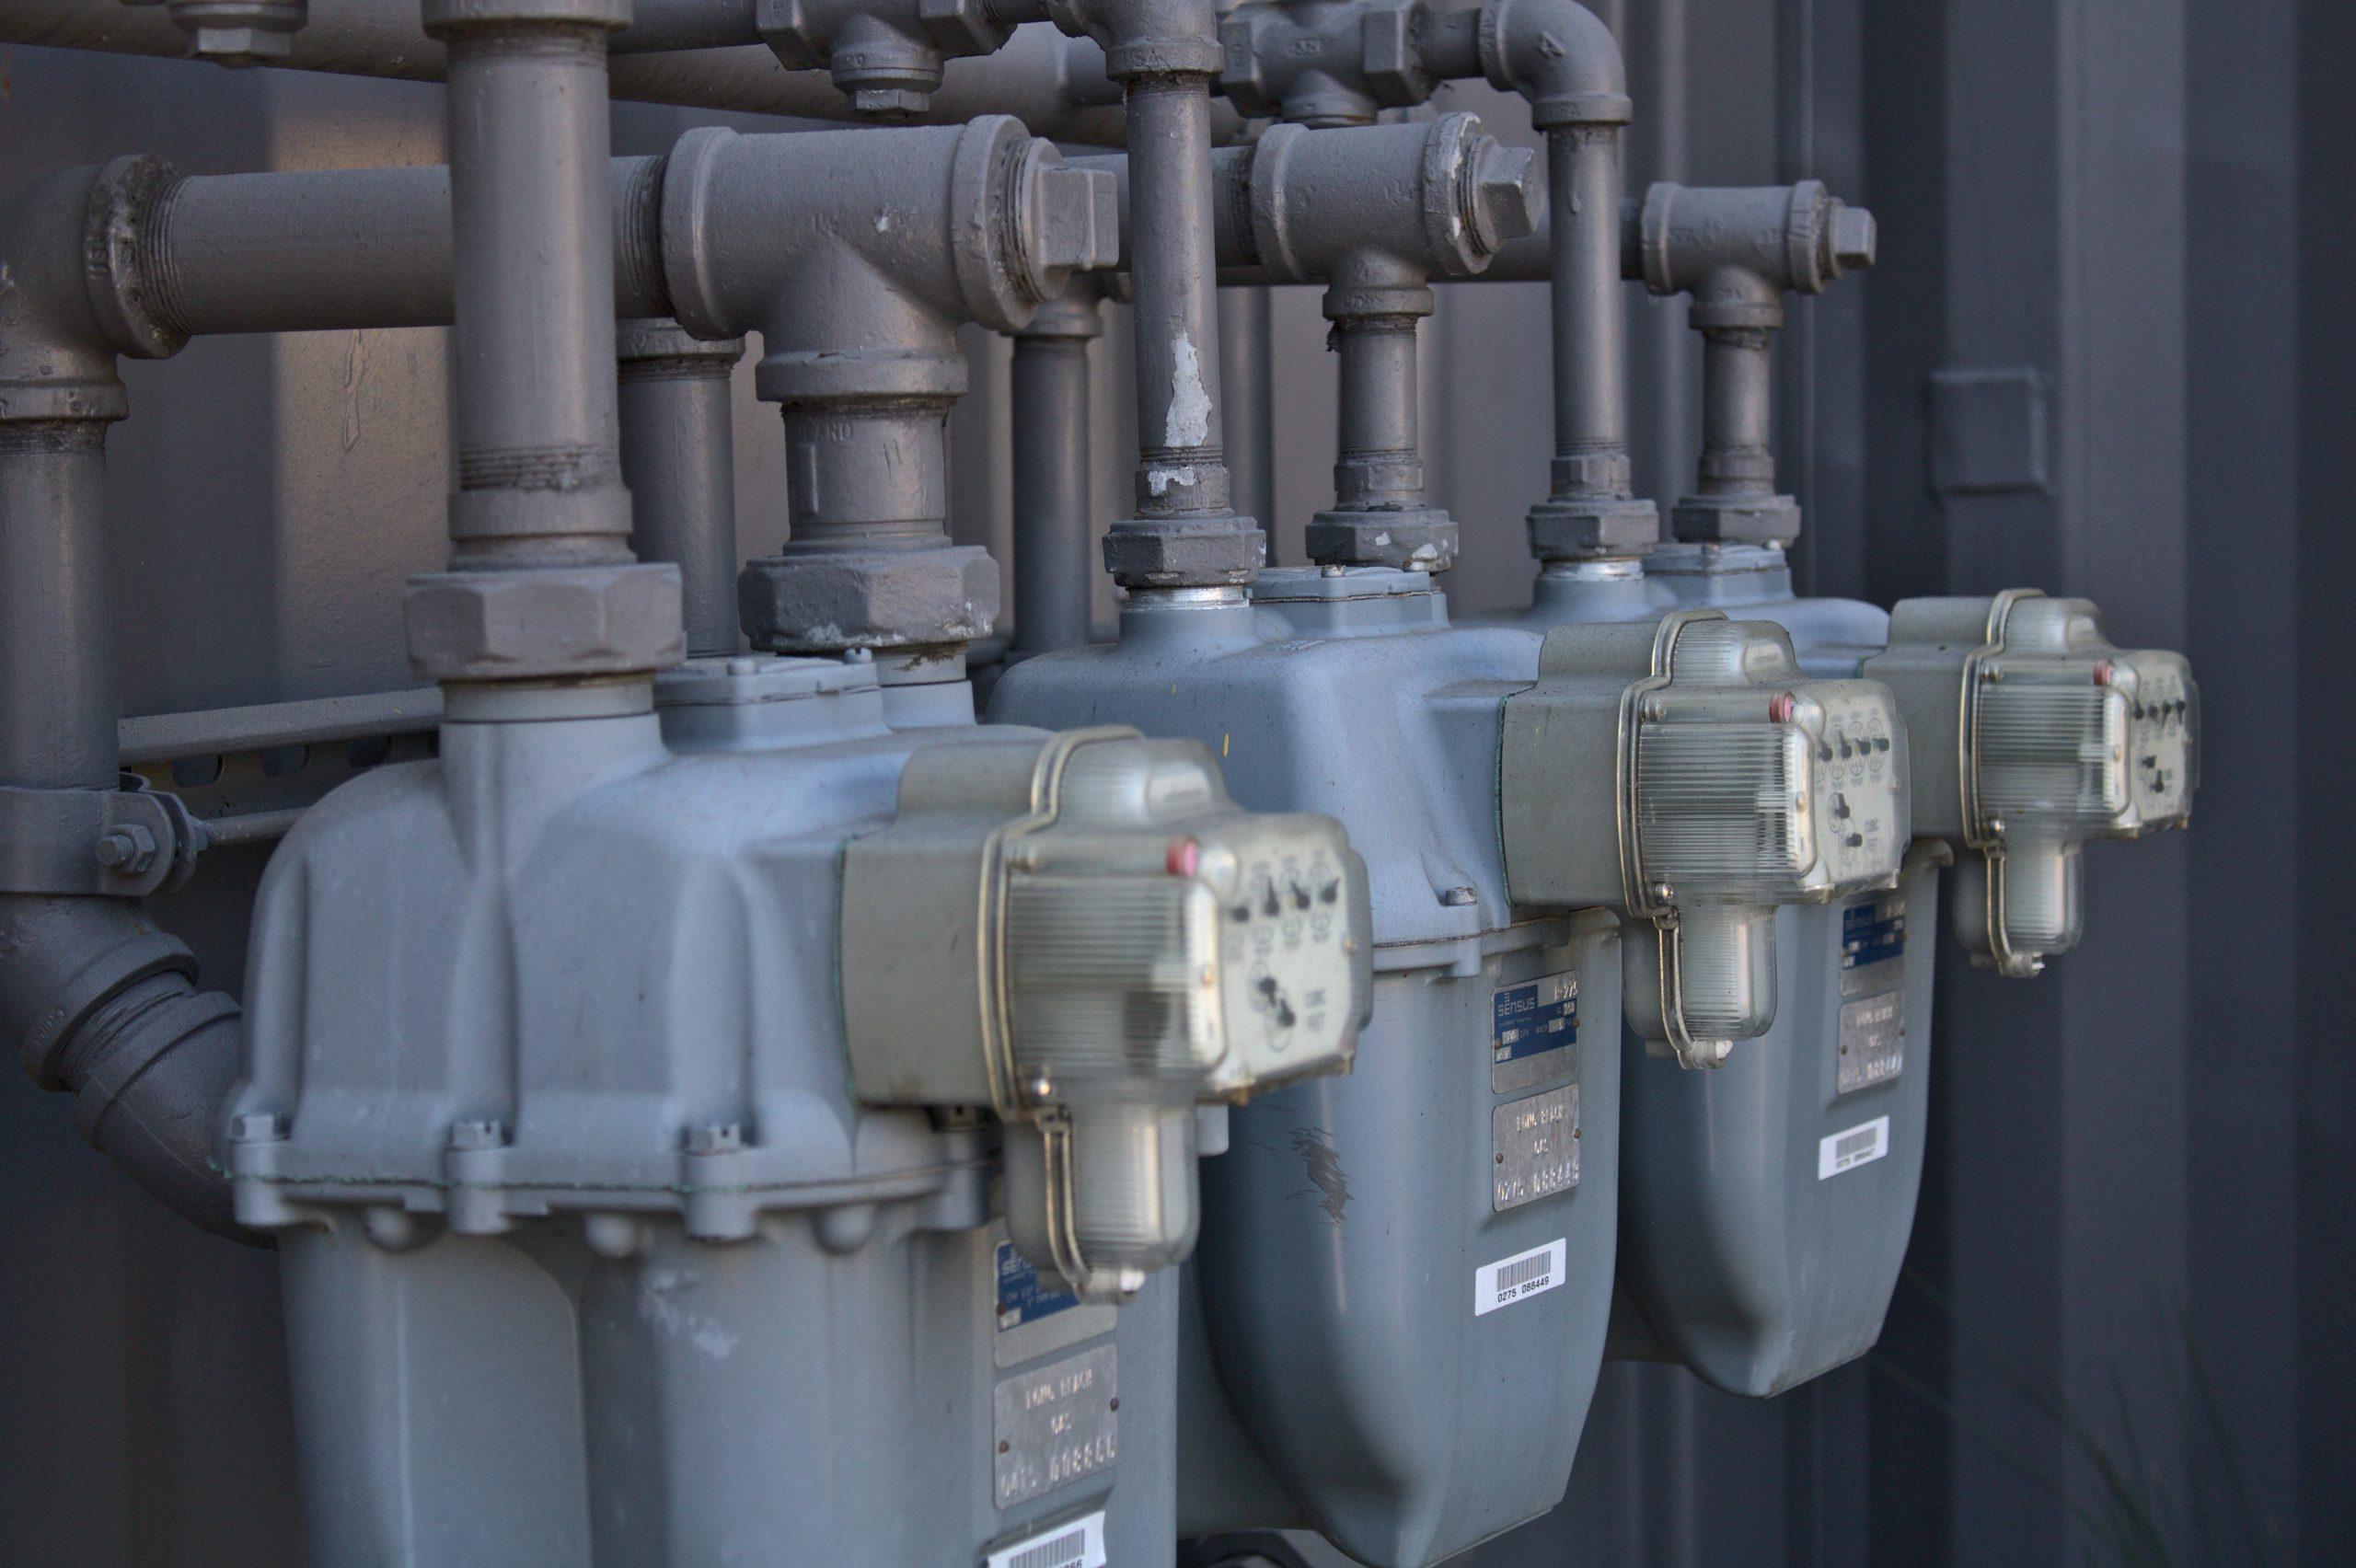 Patru furnizori importanți de gaze, amendați de ANRE. Companiile au dorit să crească tarifele în ciuda înțelegerilor din contract